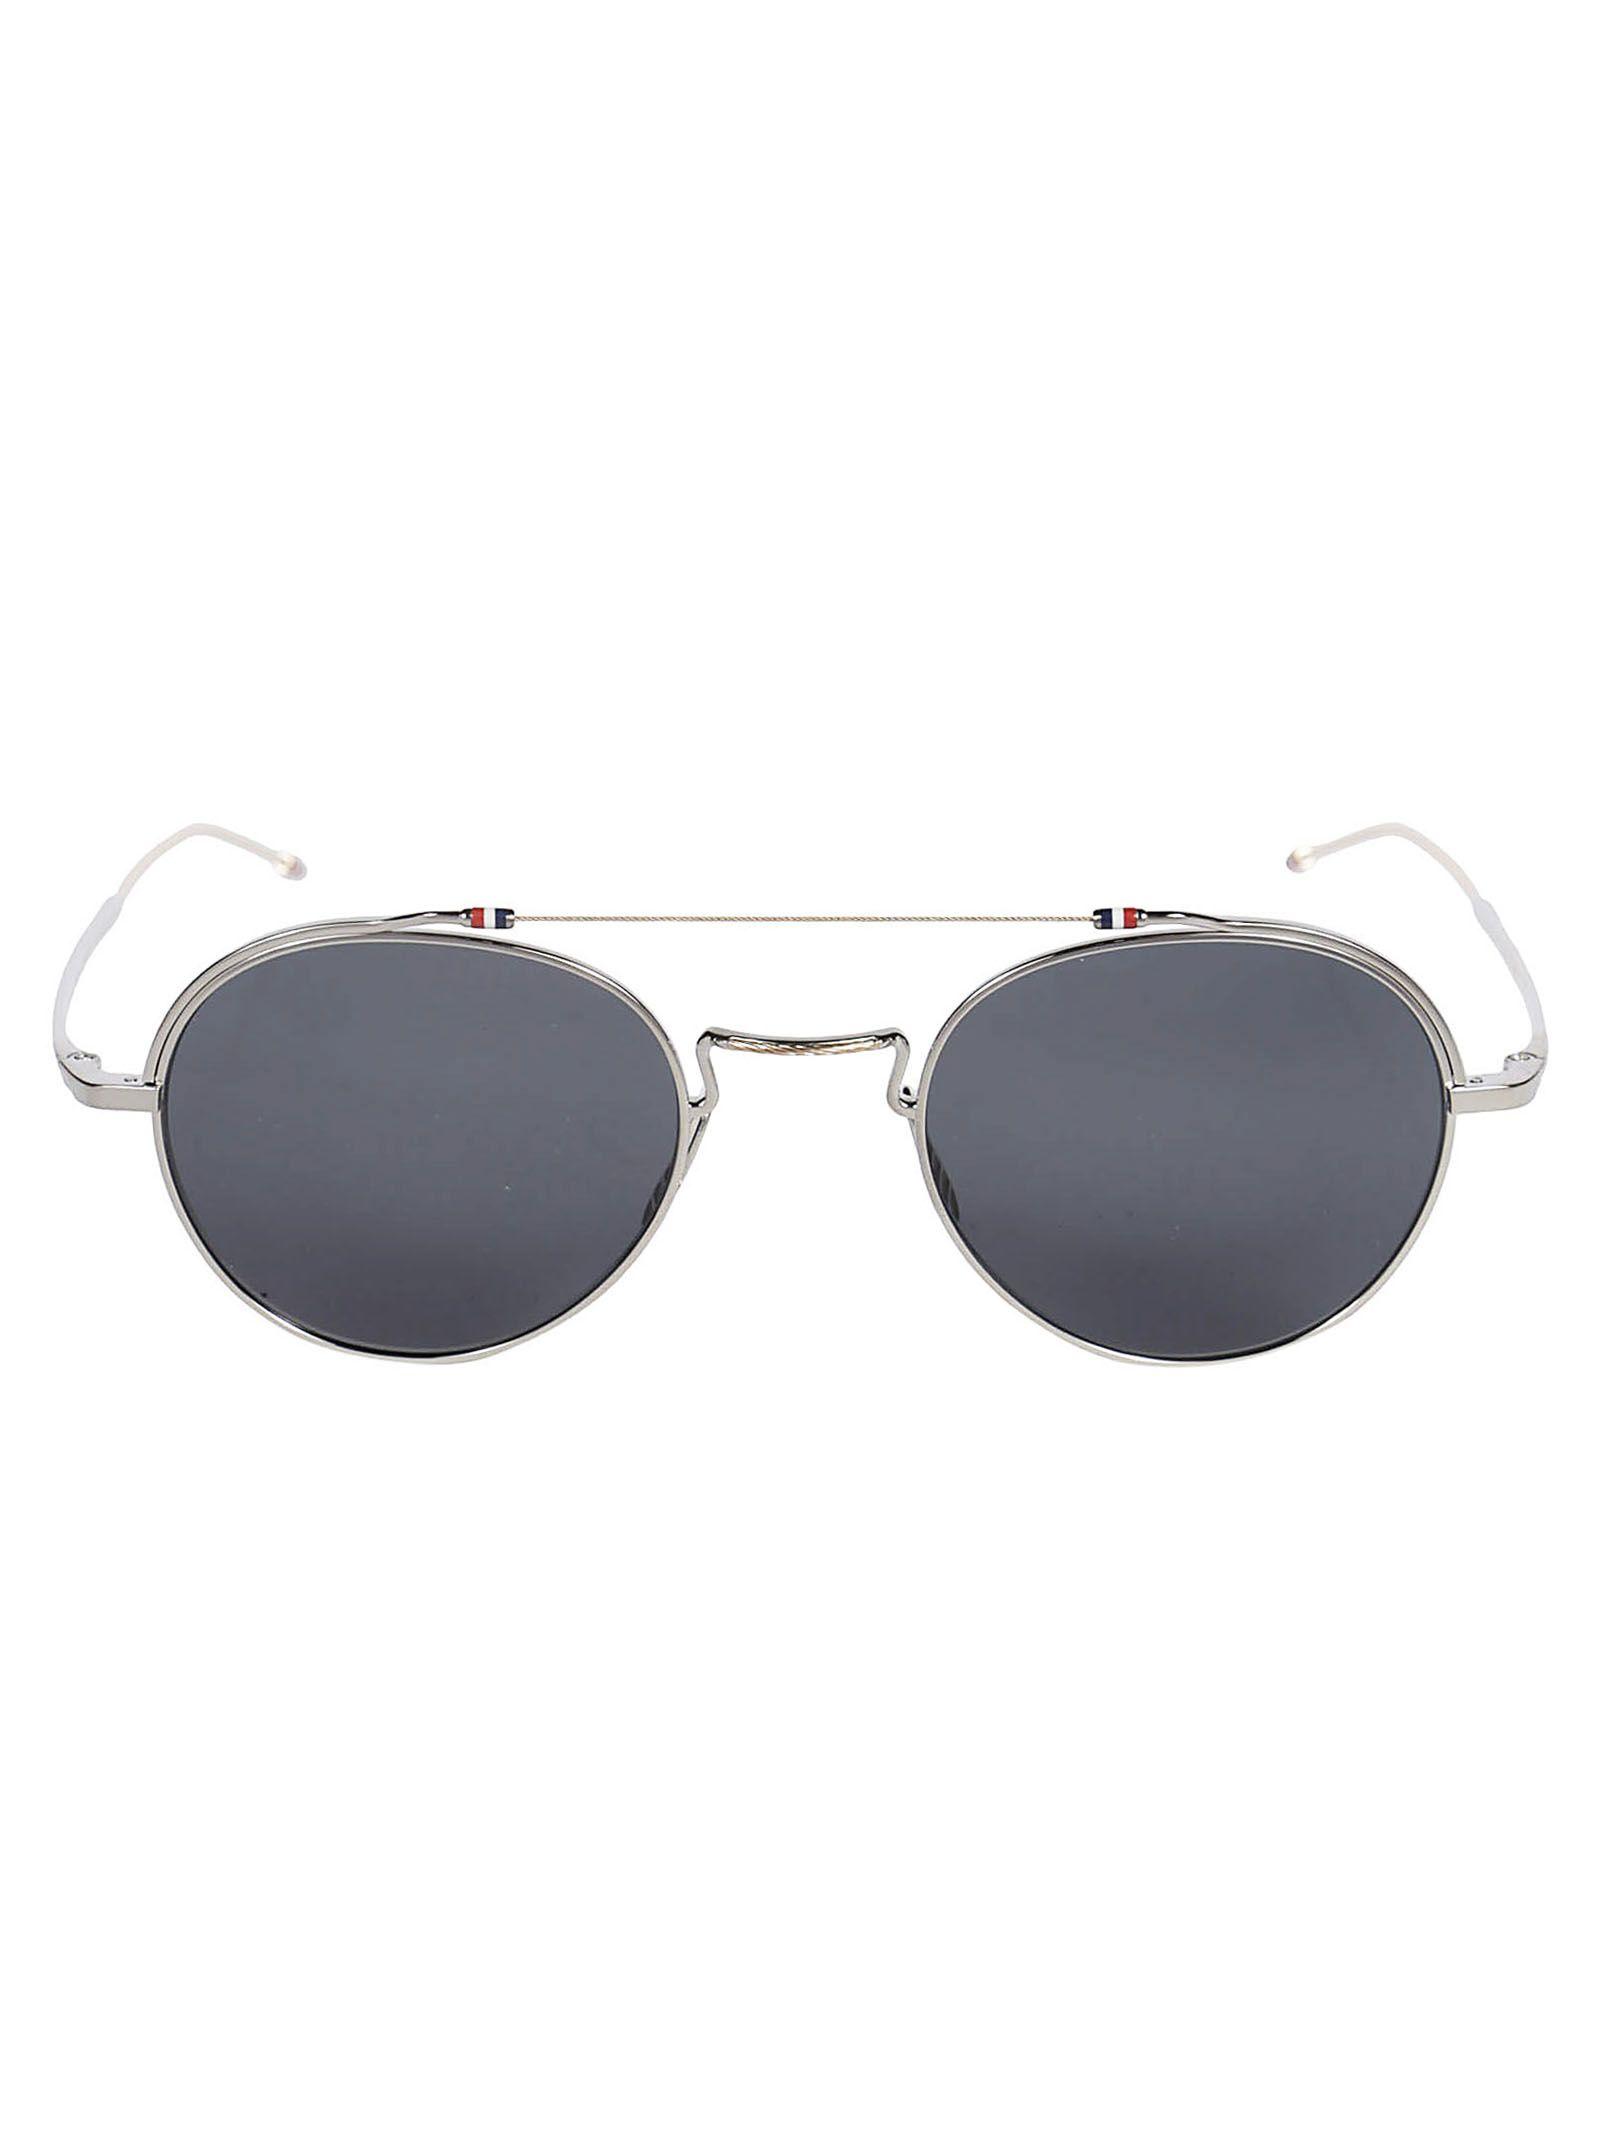 4cc2fb36da96 Thom Browne Striped Detail Sunglasses In Silver White Gold ...